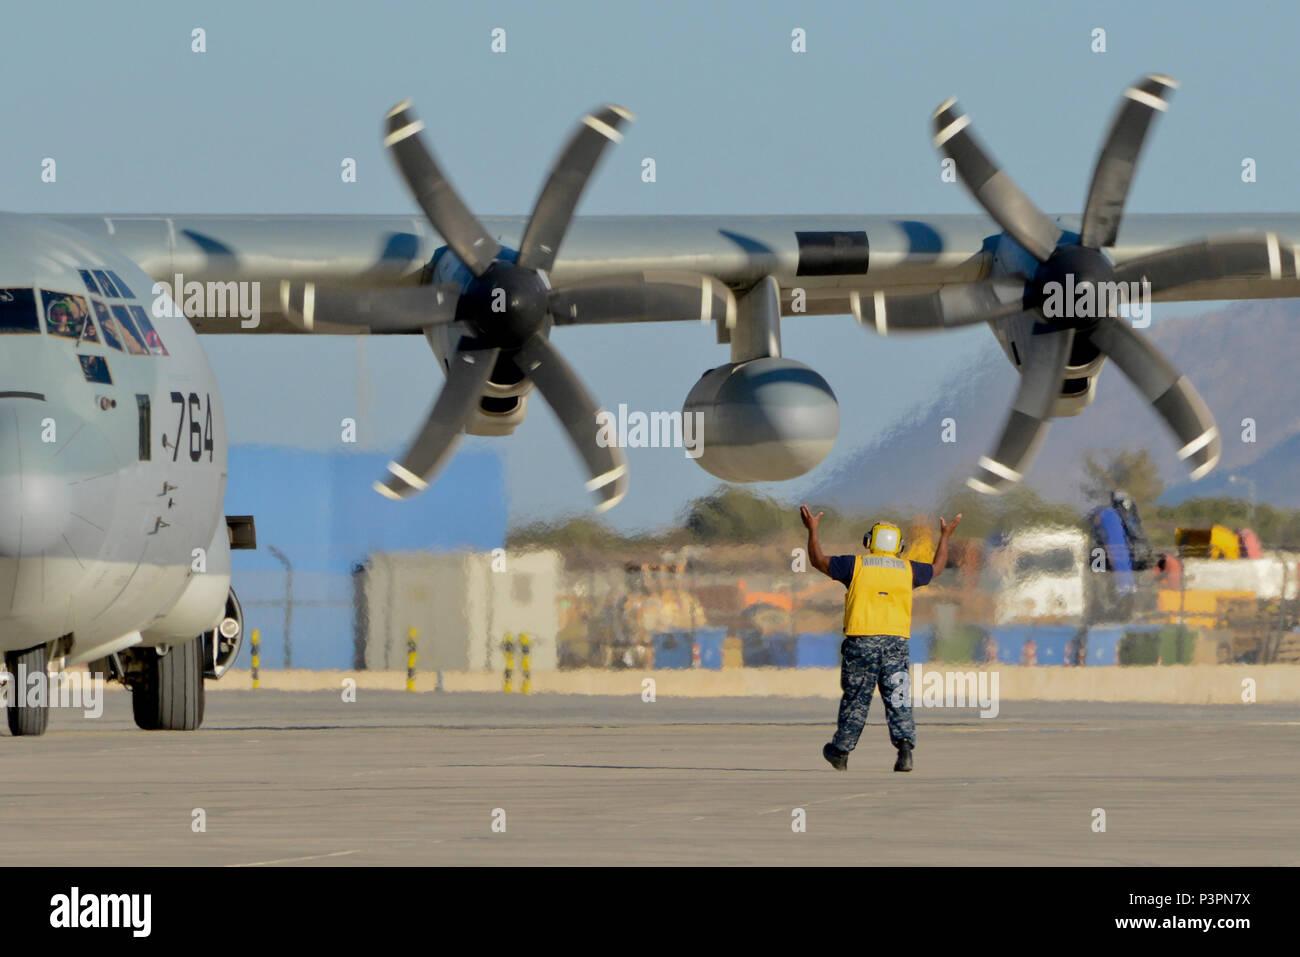 160711-N-IL474-064 La baie de Souda, la Grèce (11 juillet 2016) l'aviation en chef Maître de Manœuvre (manutention) Anthony L. Fripp, affecté à l'activité de soutien naval américain Souda Bay Département des opérations d'Air Division Ligne transitoire, diriger un KC-130 Hercules après son arrivée. La baie de Souda NSA permet à l'avant et la réactivité des opérations les forces à l'appui de la région de la Marine, de l'Europe, d'Afrique et d'Asie du Sud-Ouest a pour mission de fournir des services à la flotte, chasseurs, et de la famille. (U.S. Photo par Marcel Gauchet marine Heather/libérés) Photo Stock